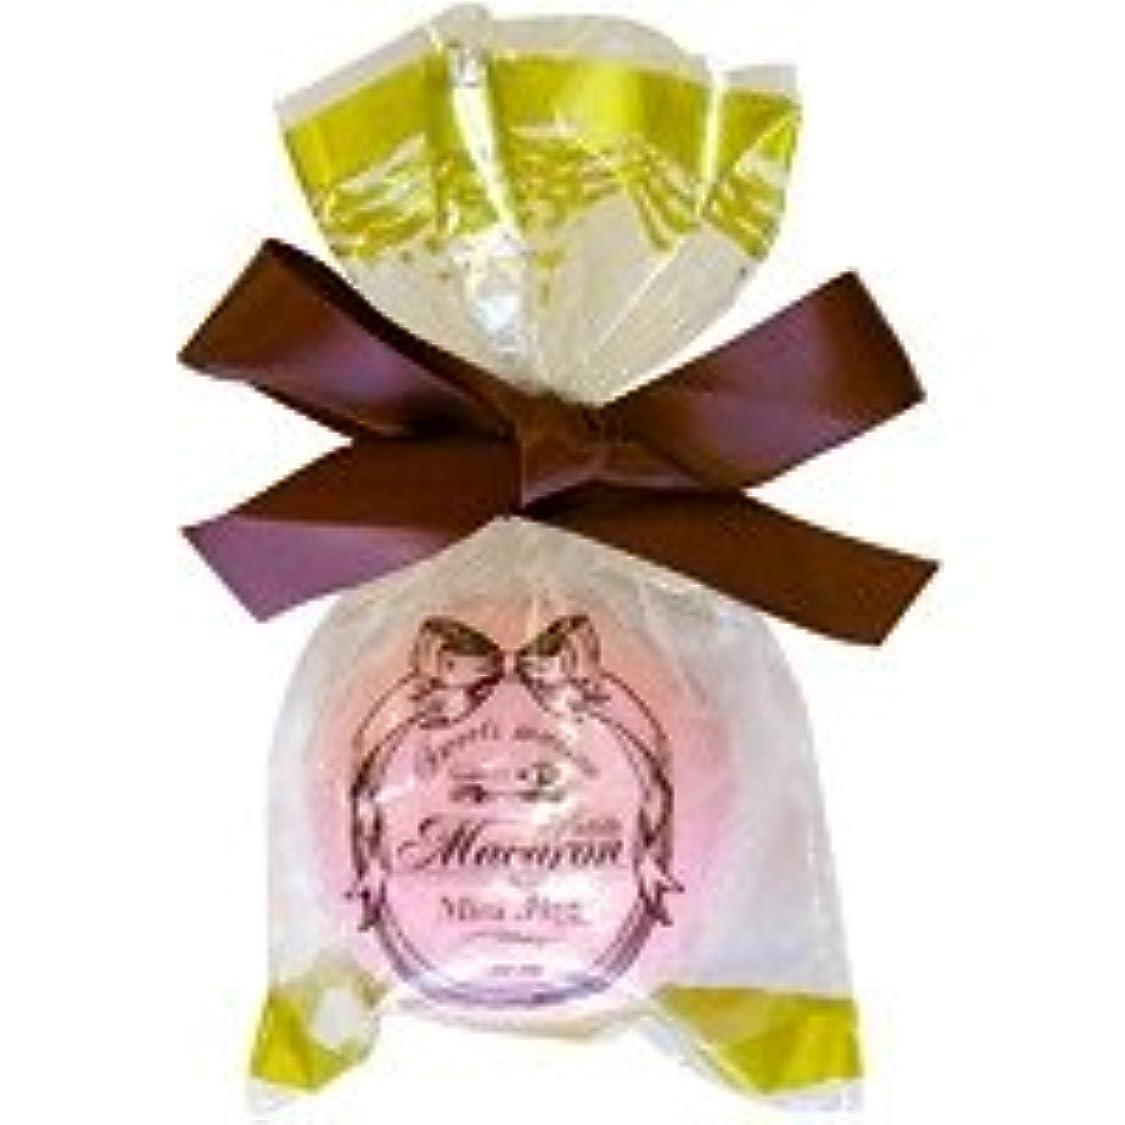 軽食変装した若いスウィーツメゾン プチマカロンフィズ「ピンク」12個セット 甘酸っぱいラズベリーの香り